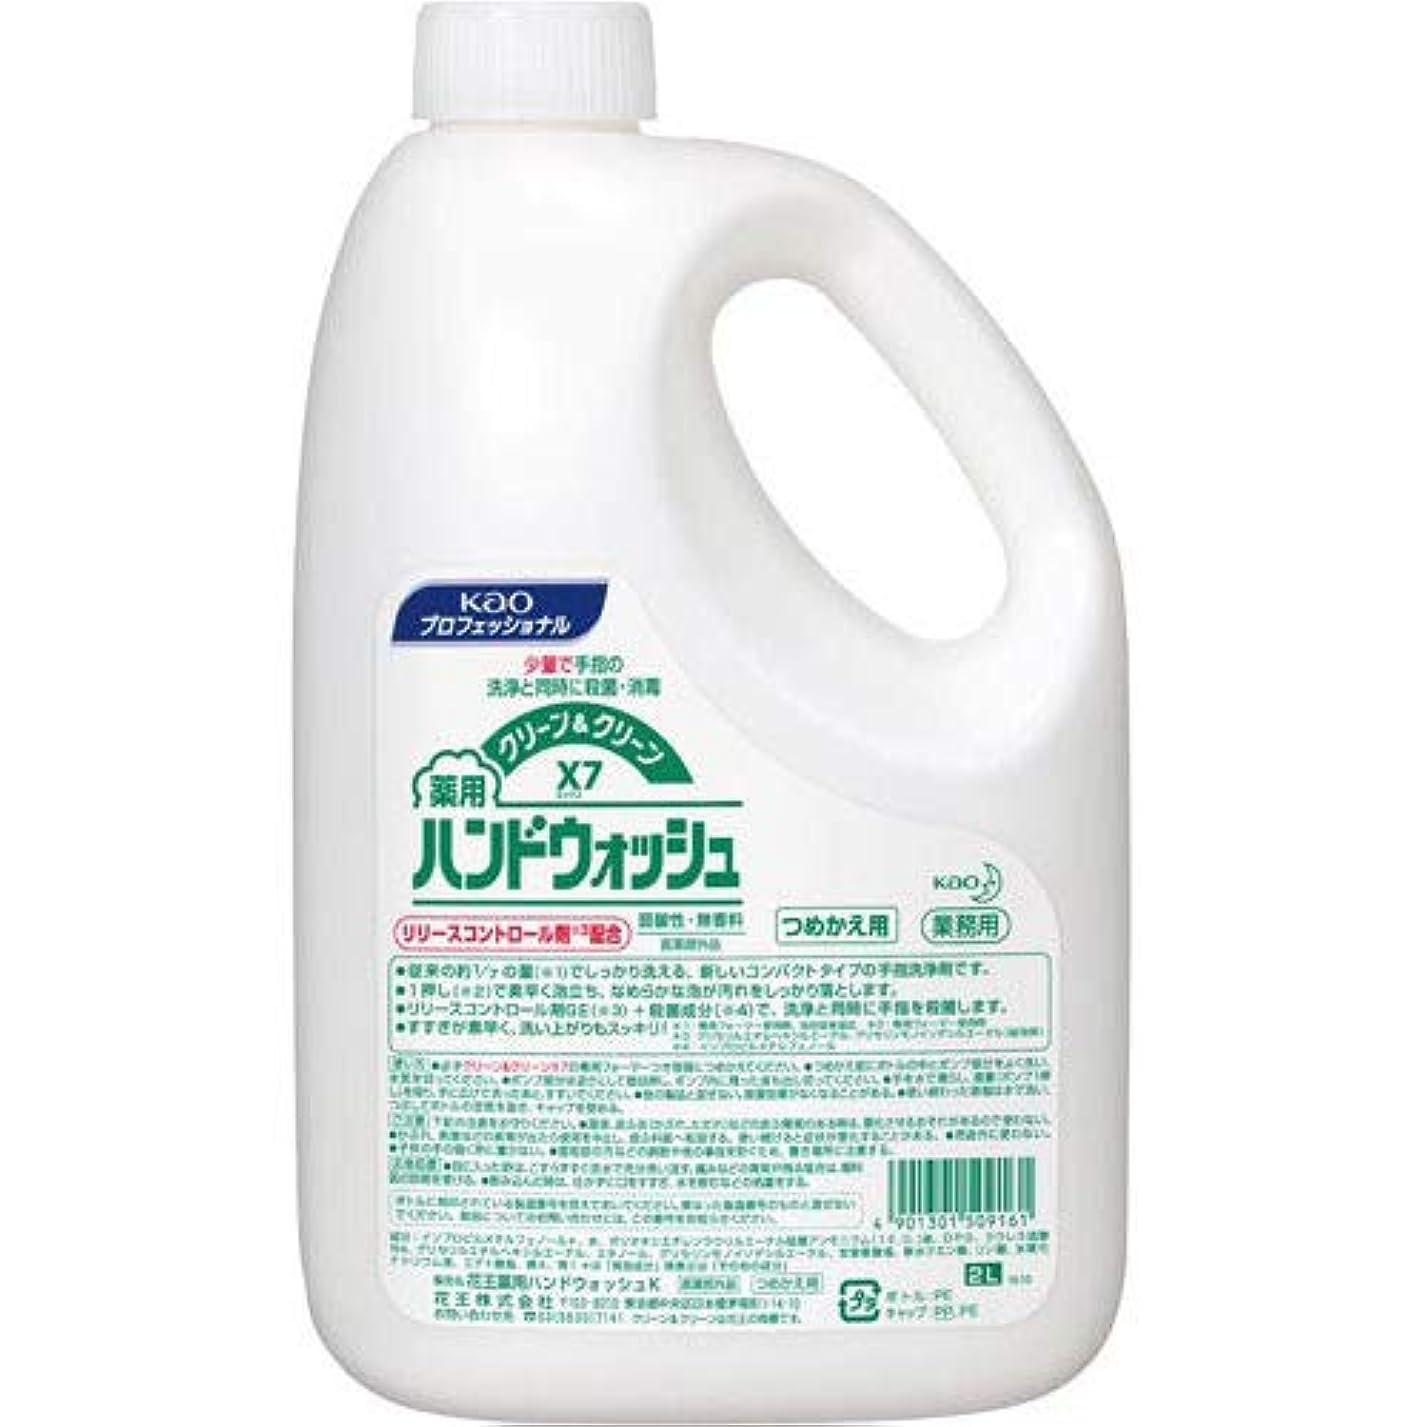 安価な排泄する肉の花王 クリーン&クリーンX7薬用ハンドウォッシュ 2L 業務用 泡ハンドソープ / 61-8508-93